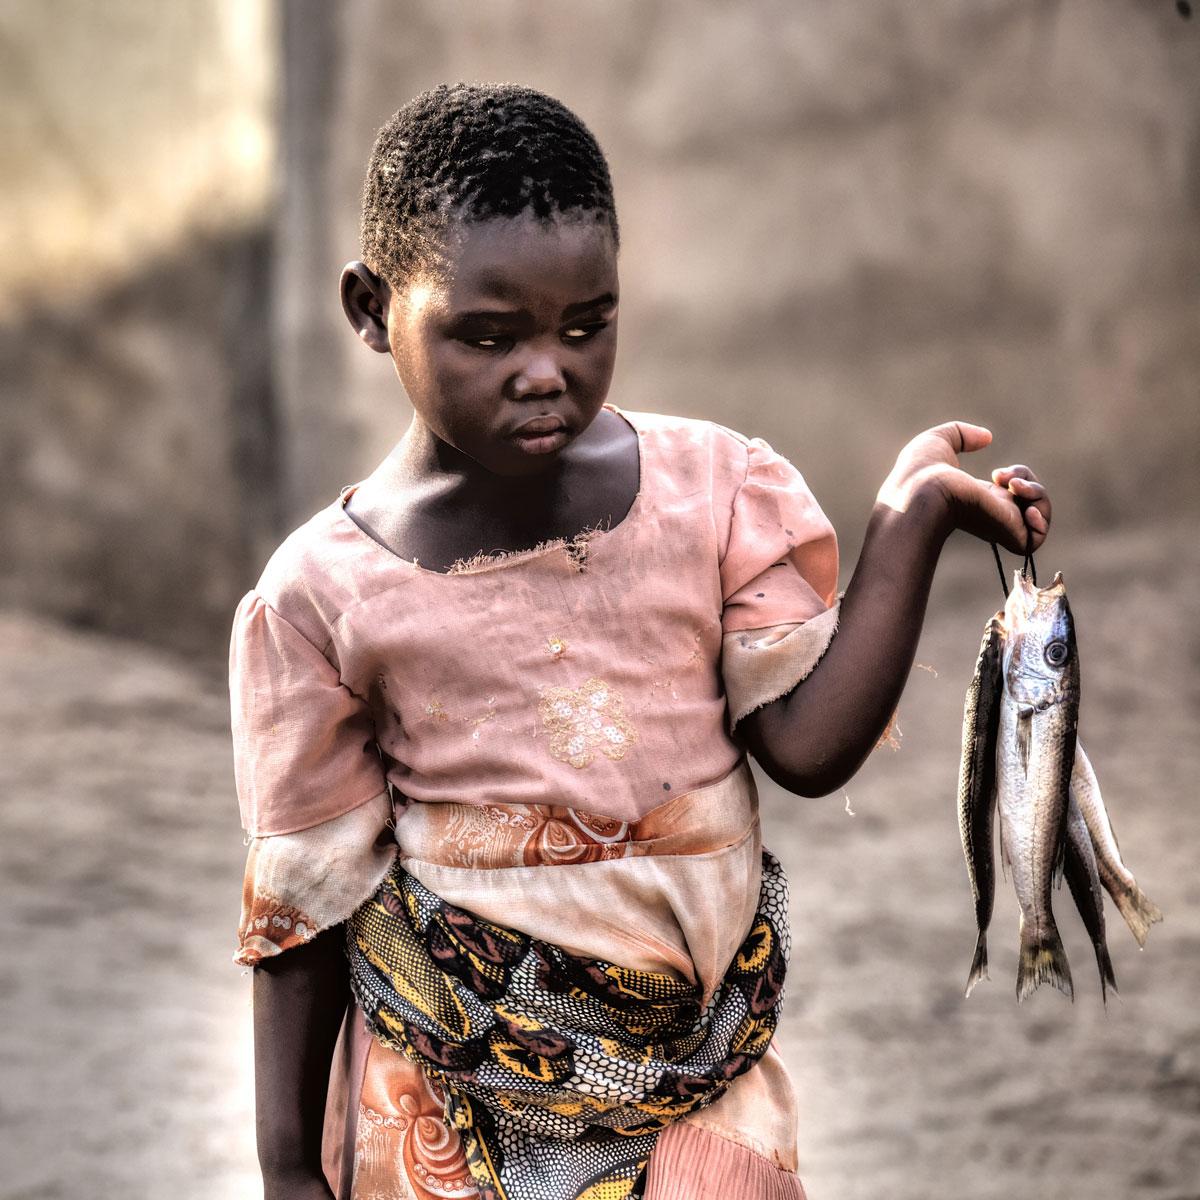 malawi-zambia_019_SP